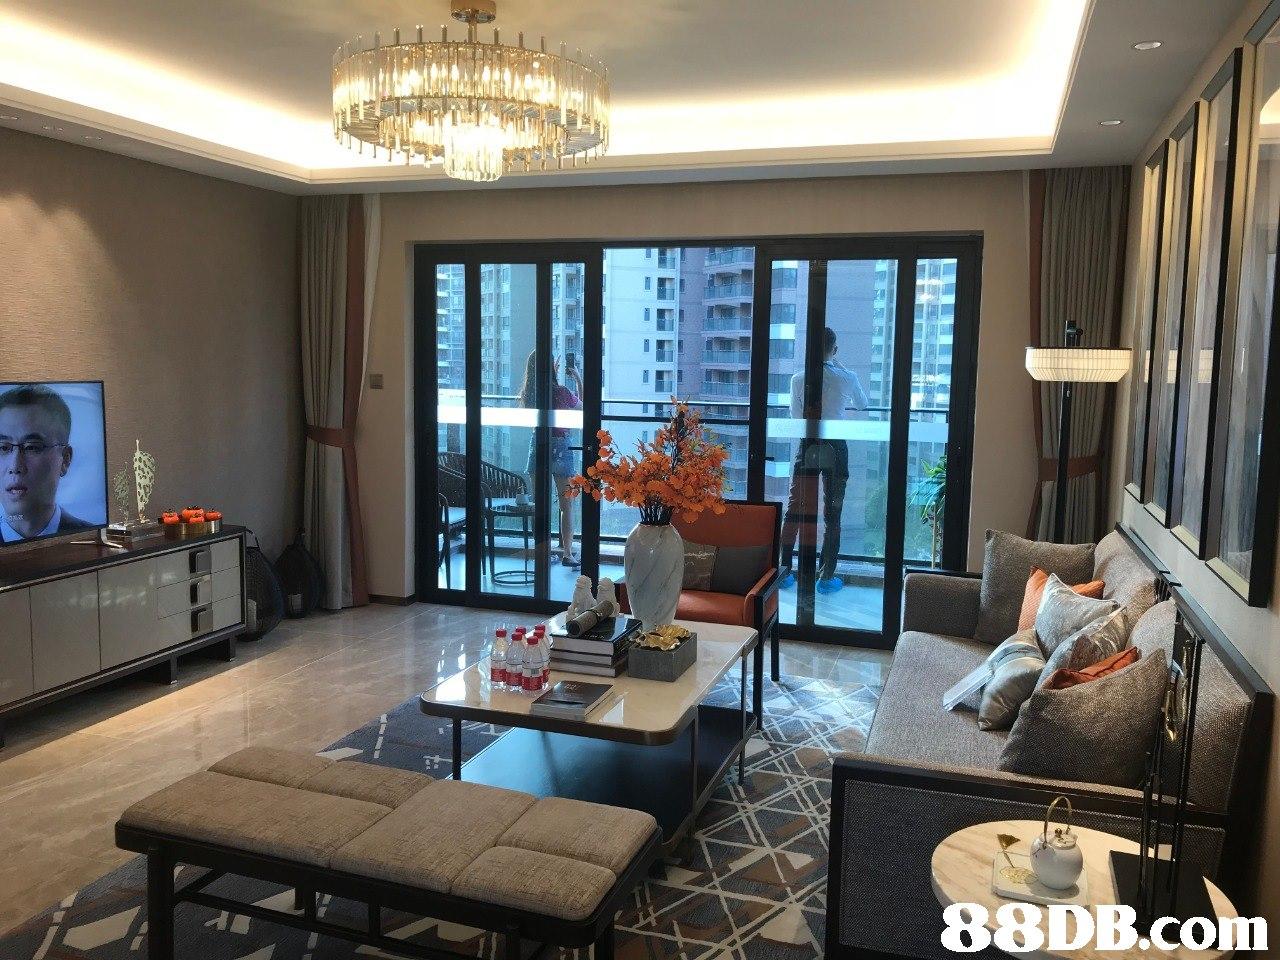 living room,room,property,interior design,real estate